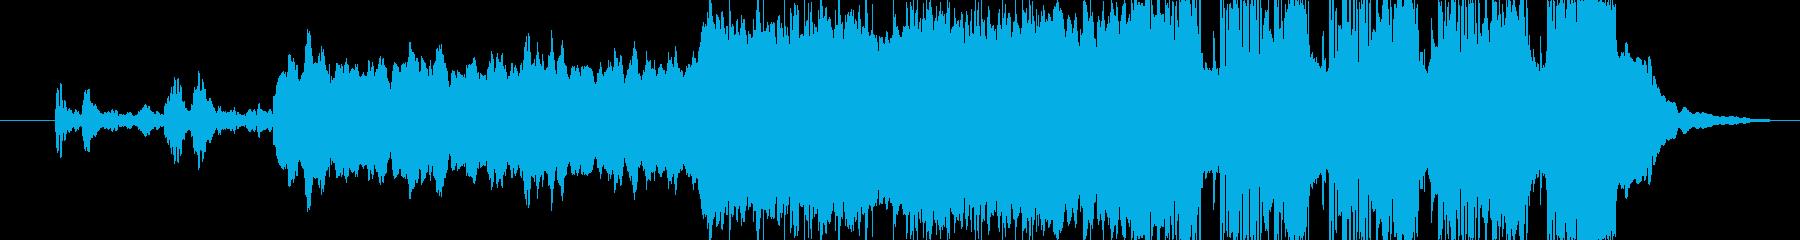 宇宙ステーションをイメージした楽曲です。の再生済みの波形